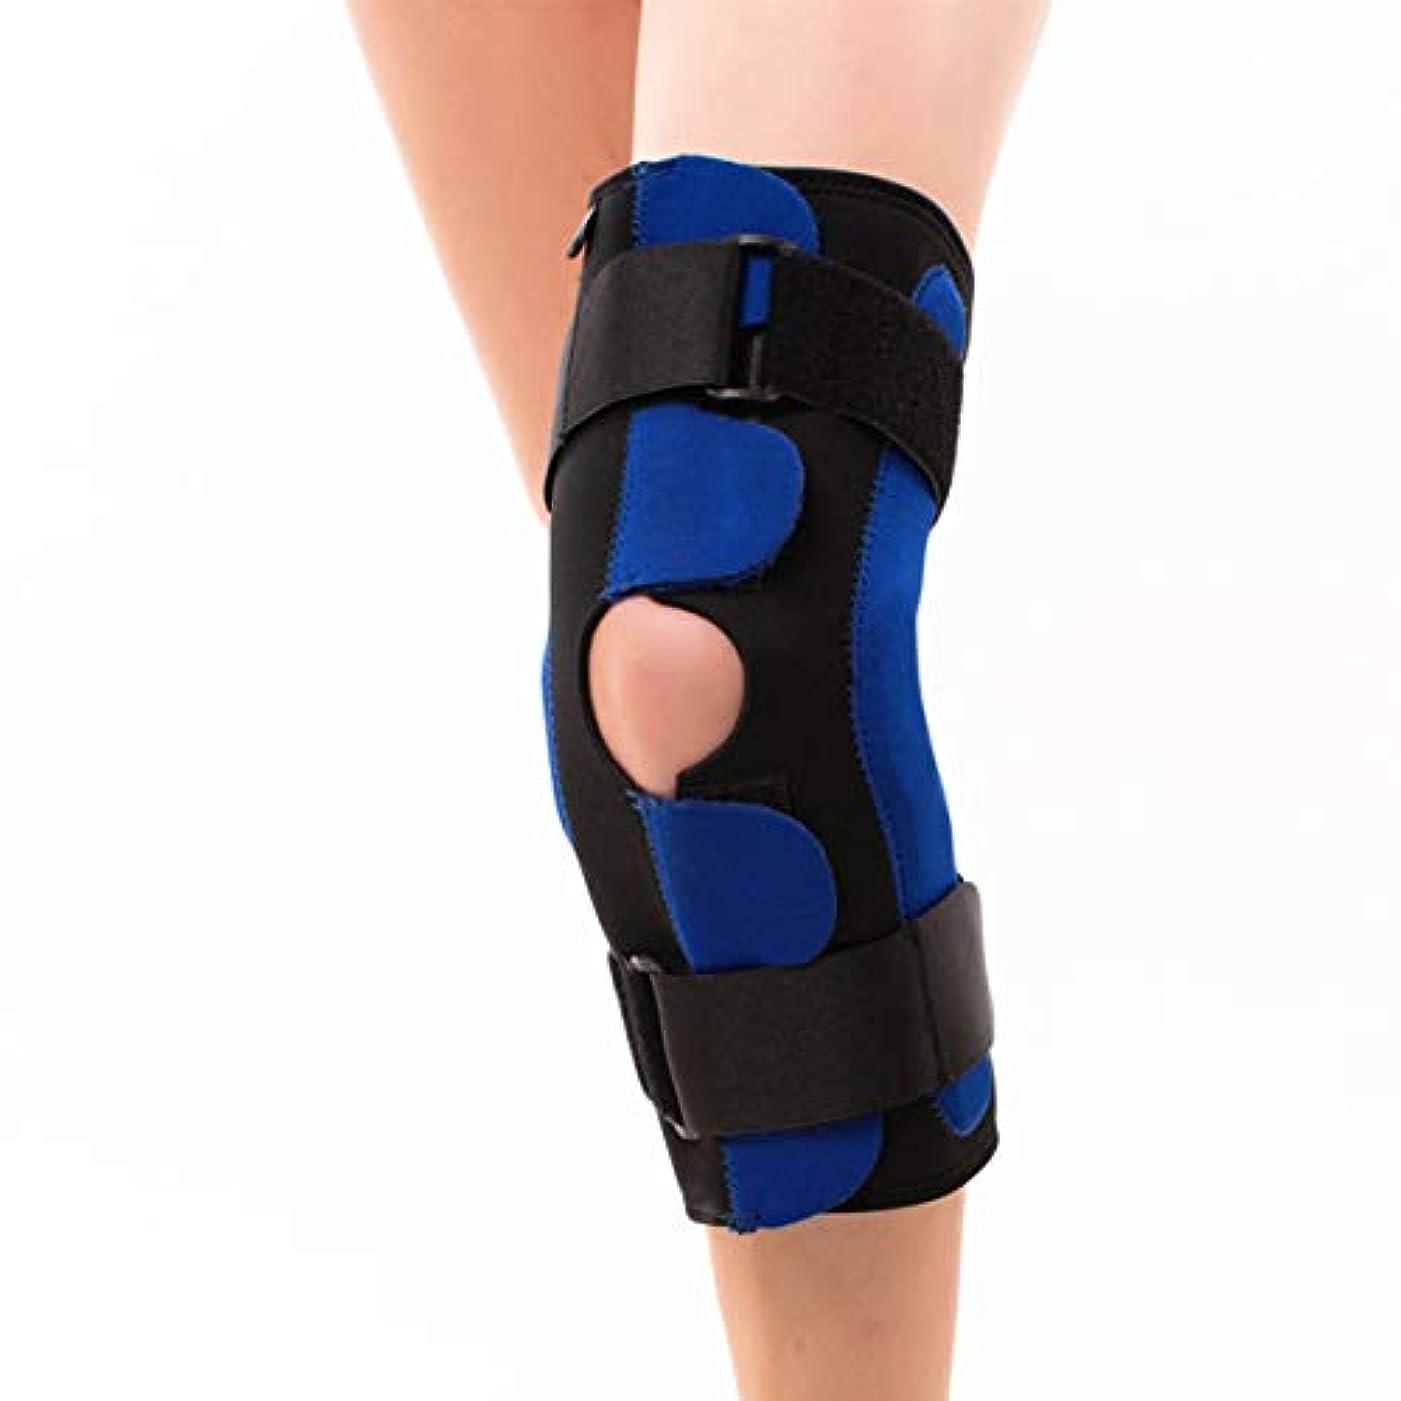 はちみつマントルハッピー屋外スポーツ膝パッド膝鋼サポートバークライミングスポーツ安全膝ブレースフィットネス保護パーツ-ブラックL